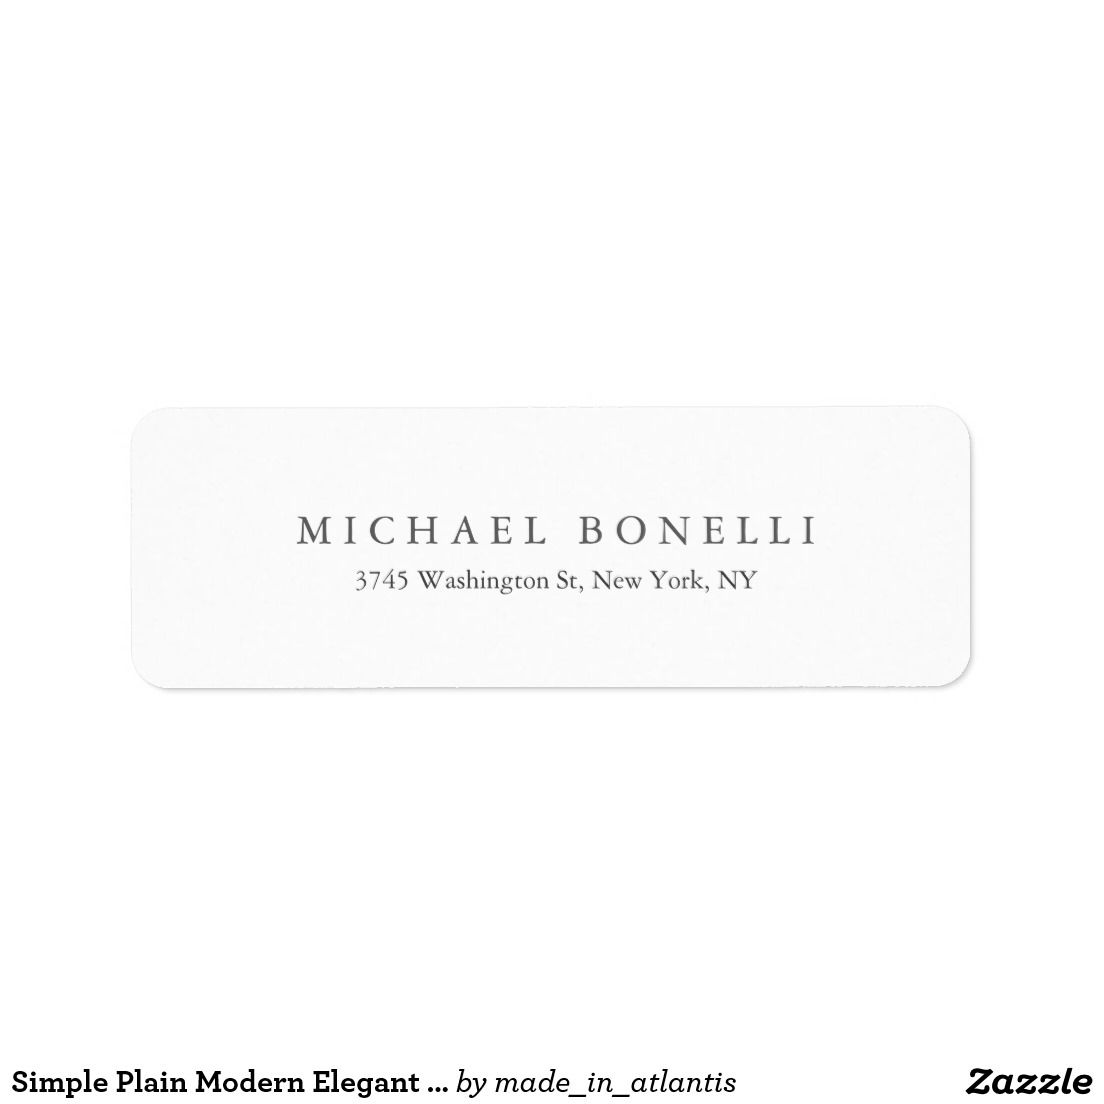 Plain Modern Elegant Return Address Label